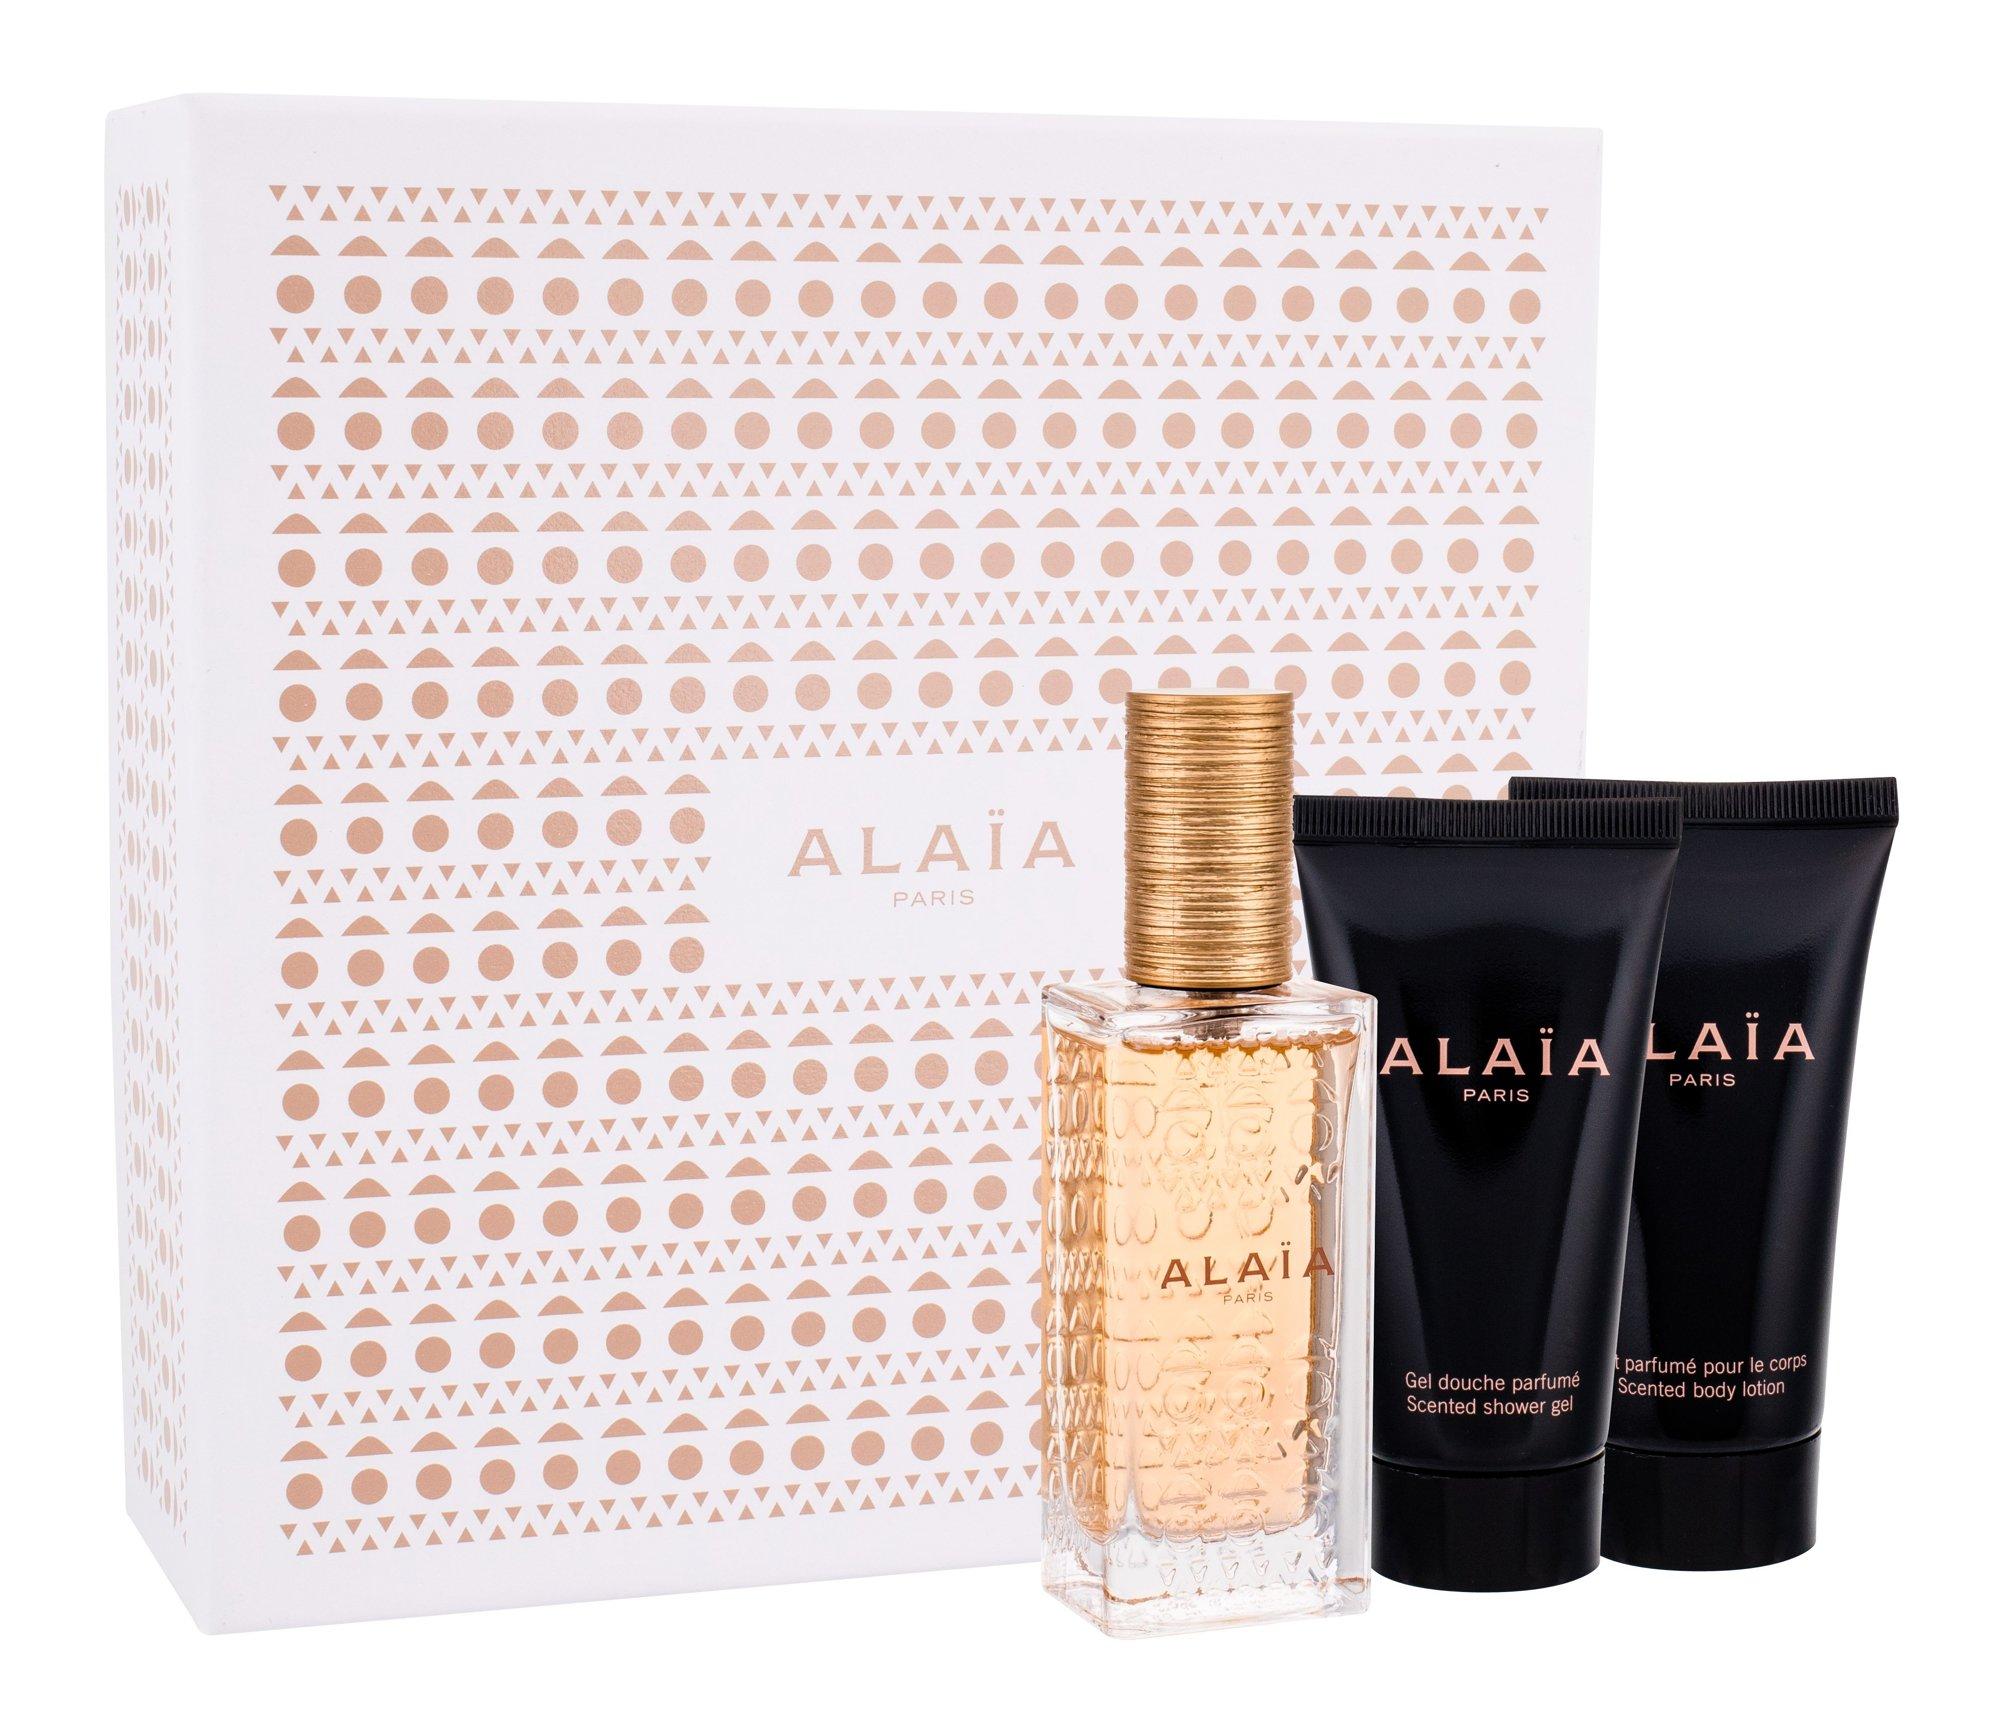 Azzedine Alaia Alaia Blanche EDP 50ml